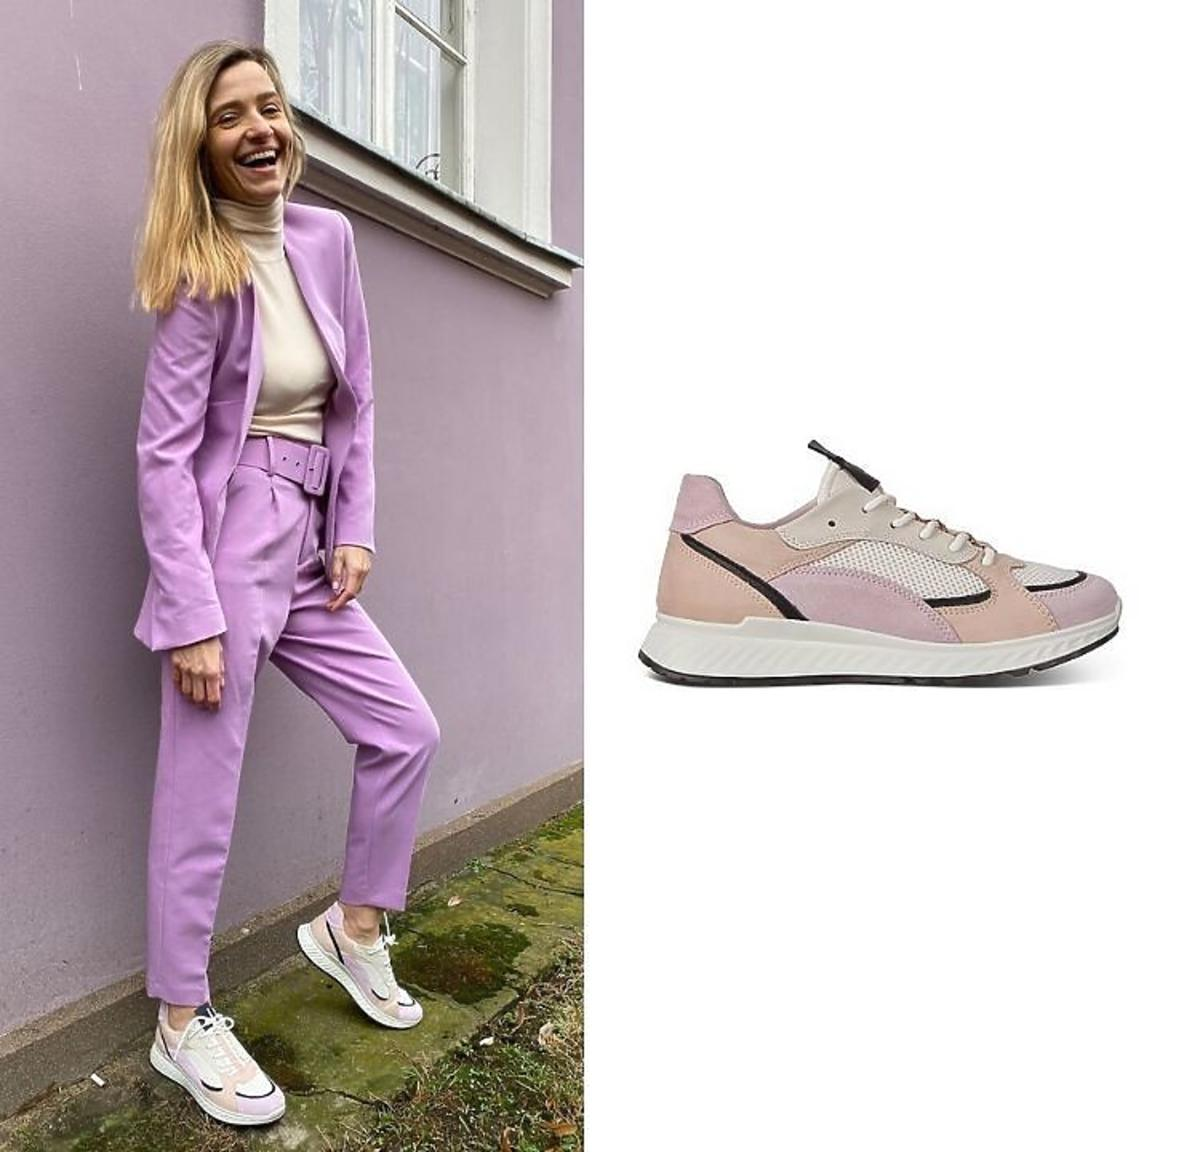 Joanna Koroniewska w garniturze lila z Zary i kolorowych sneakersach